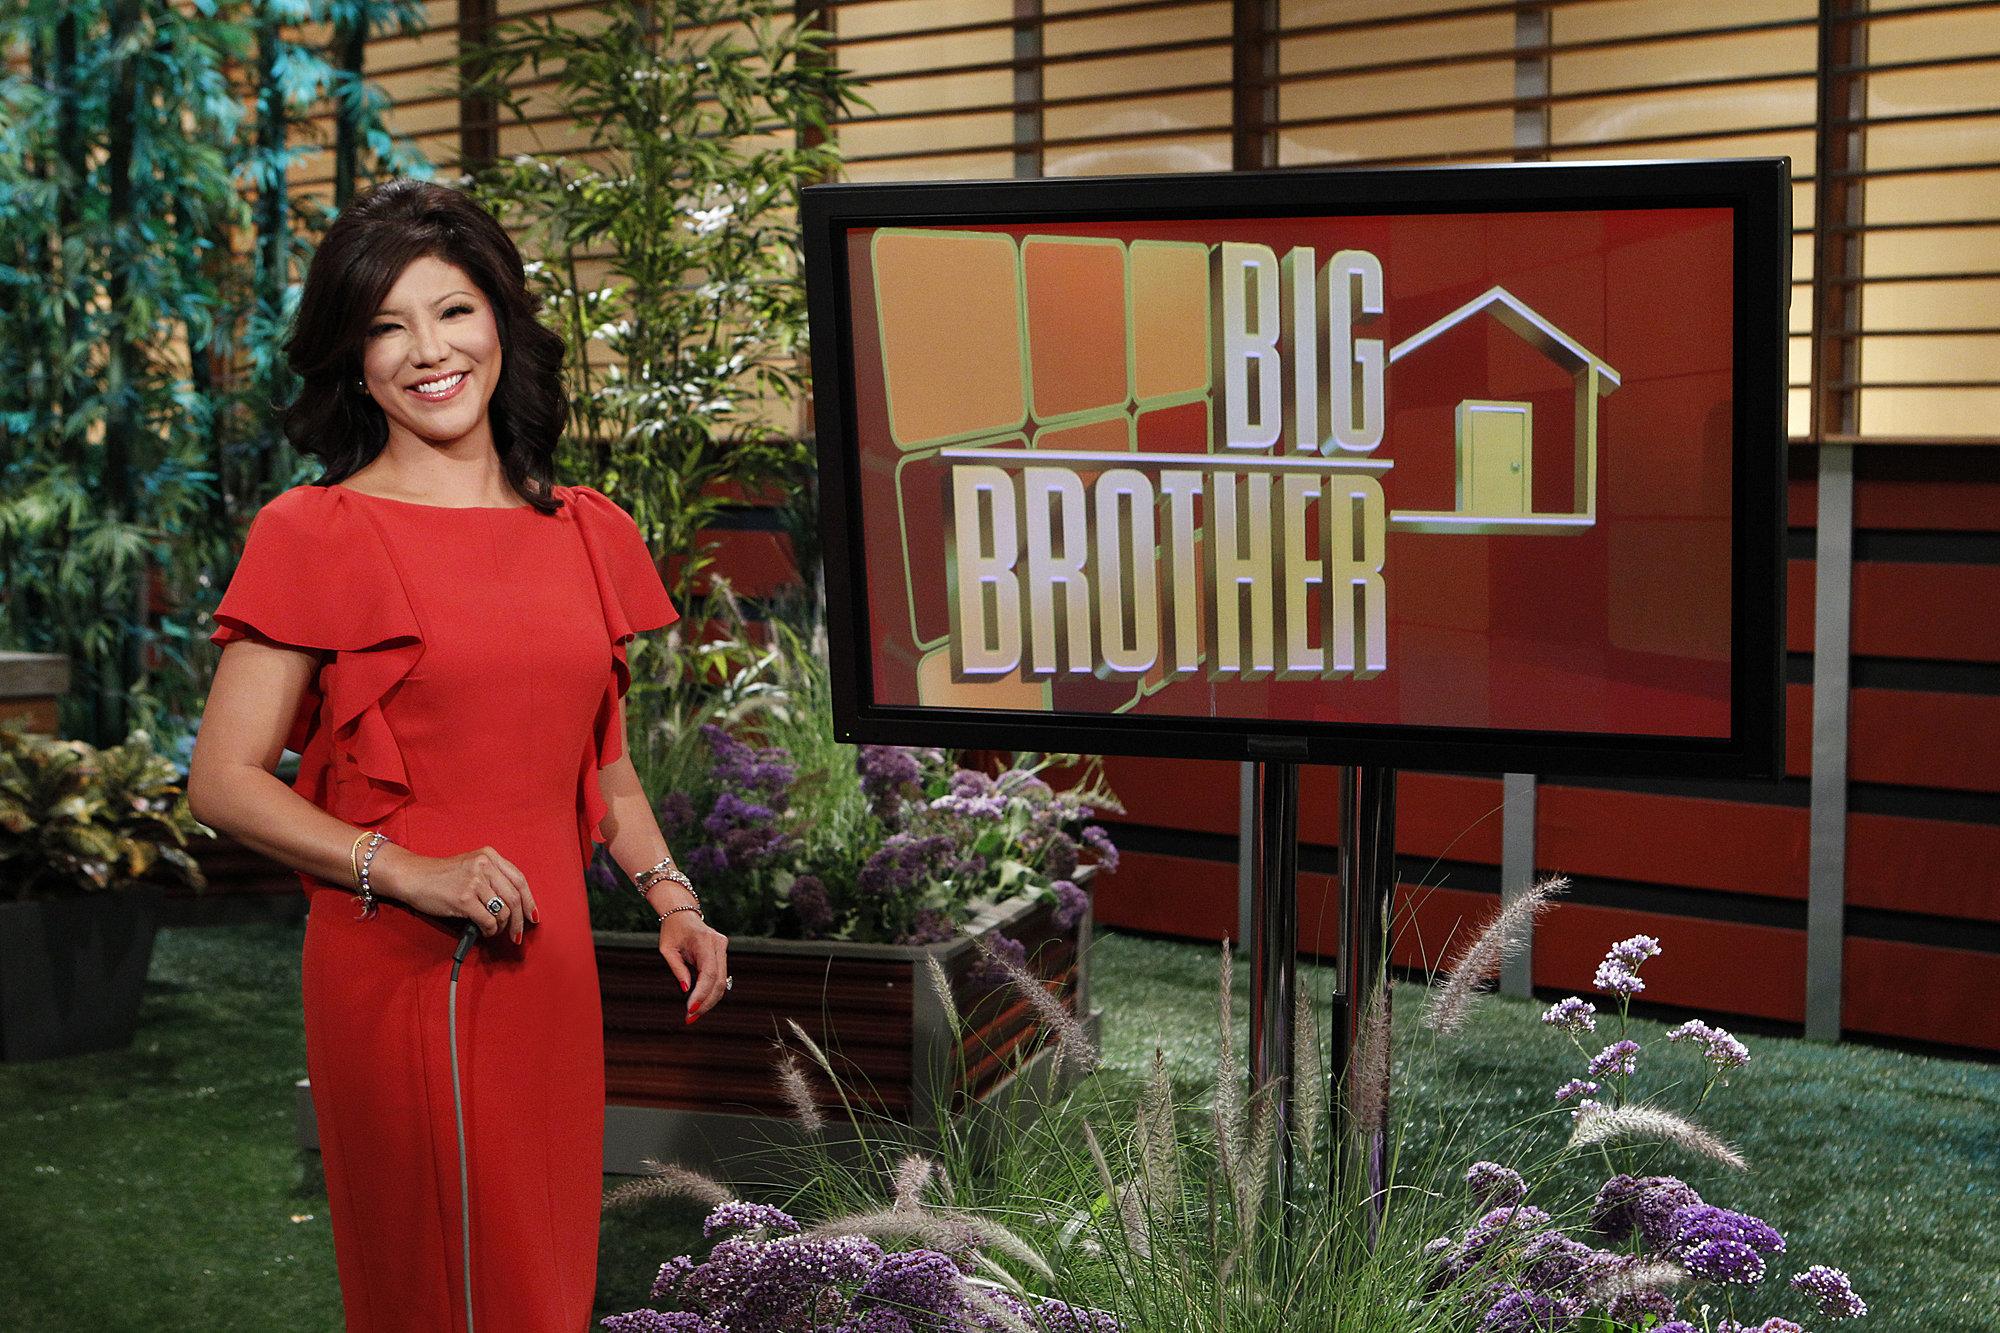 Amanda en McCrae hook up Big Brother Ik heb hulp nodig met mijn dating profiel